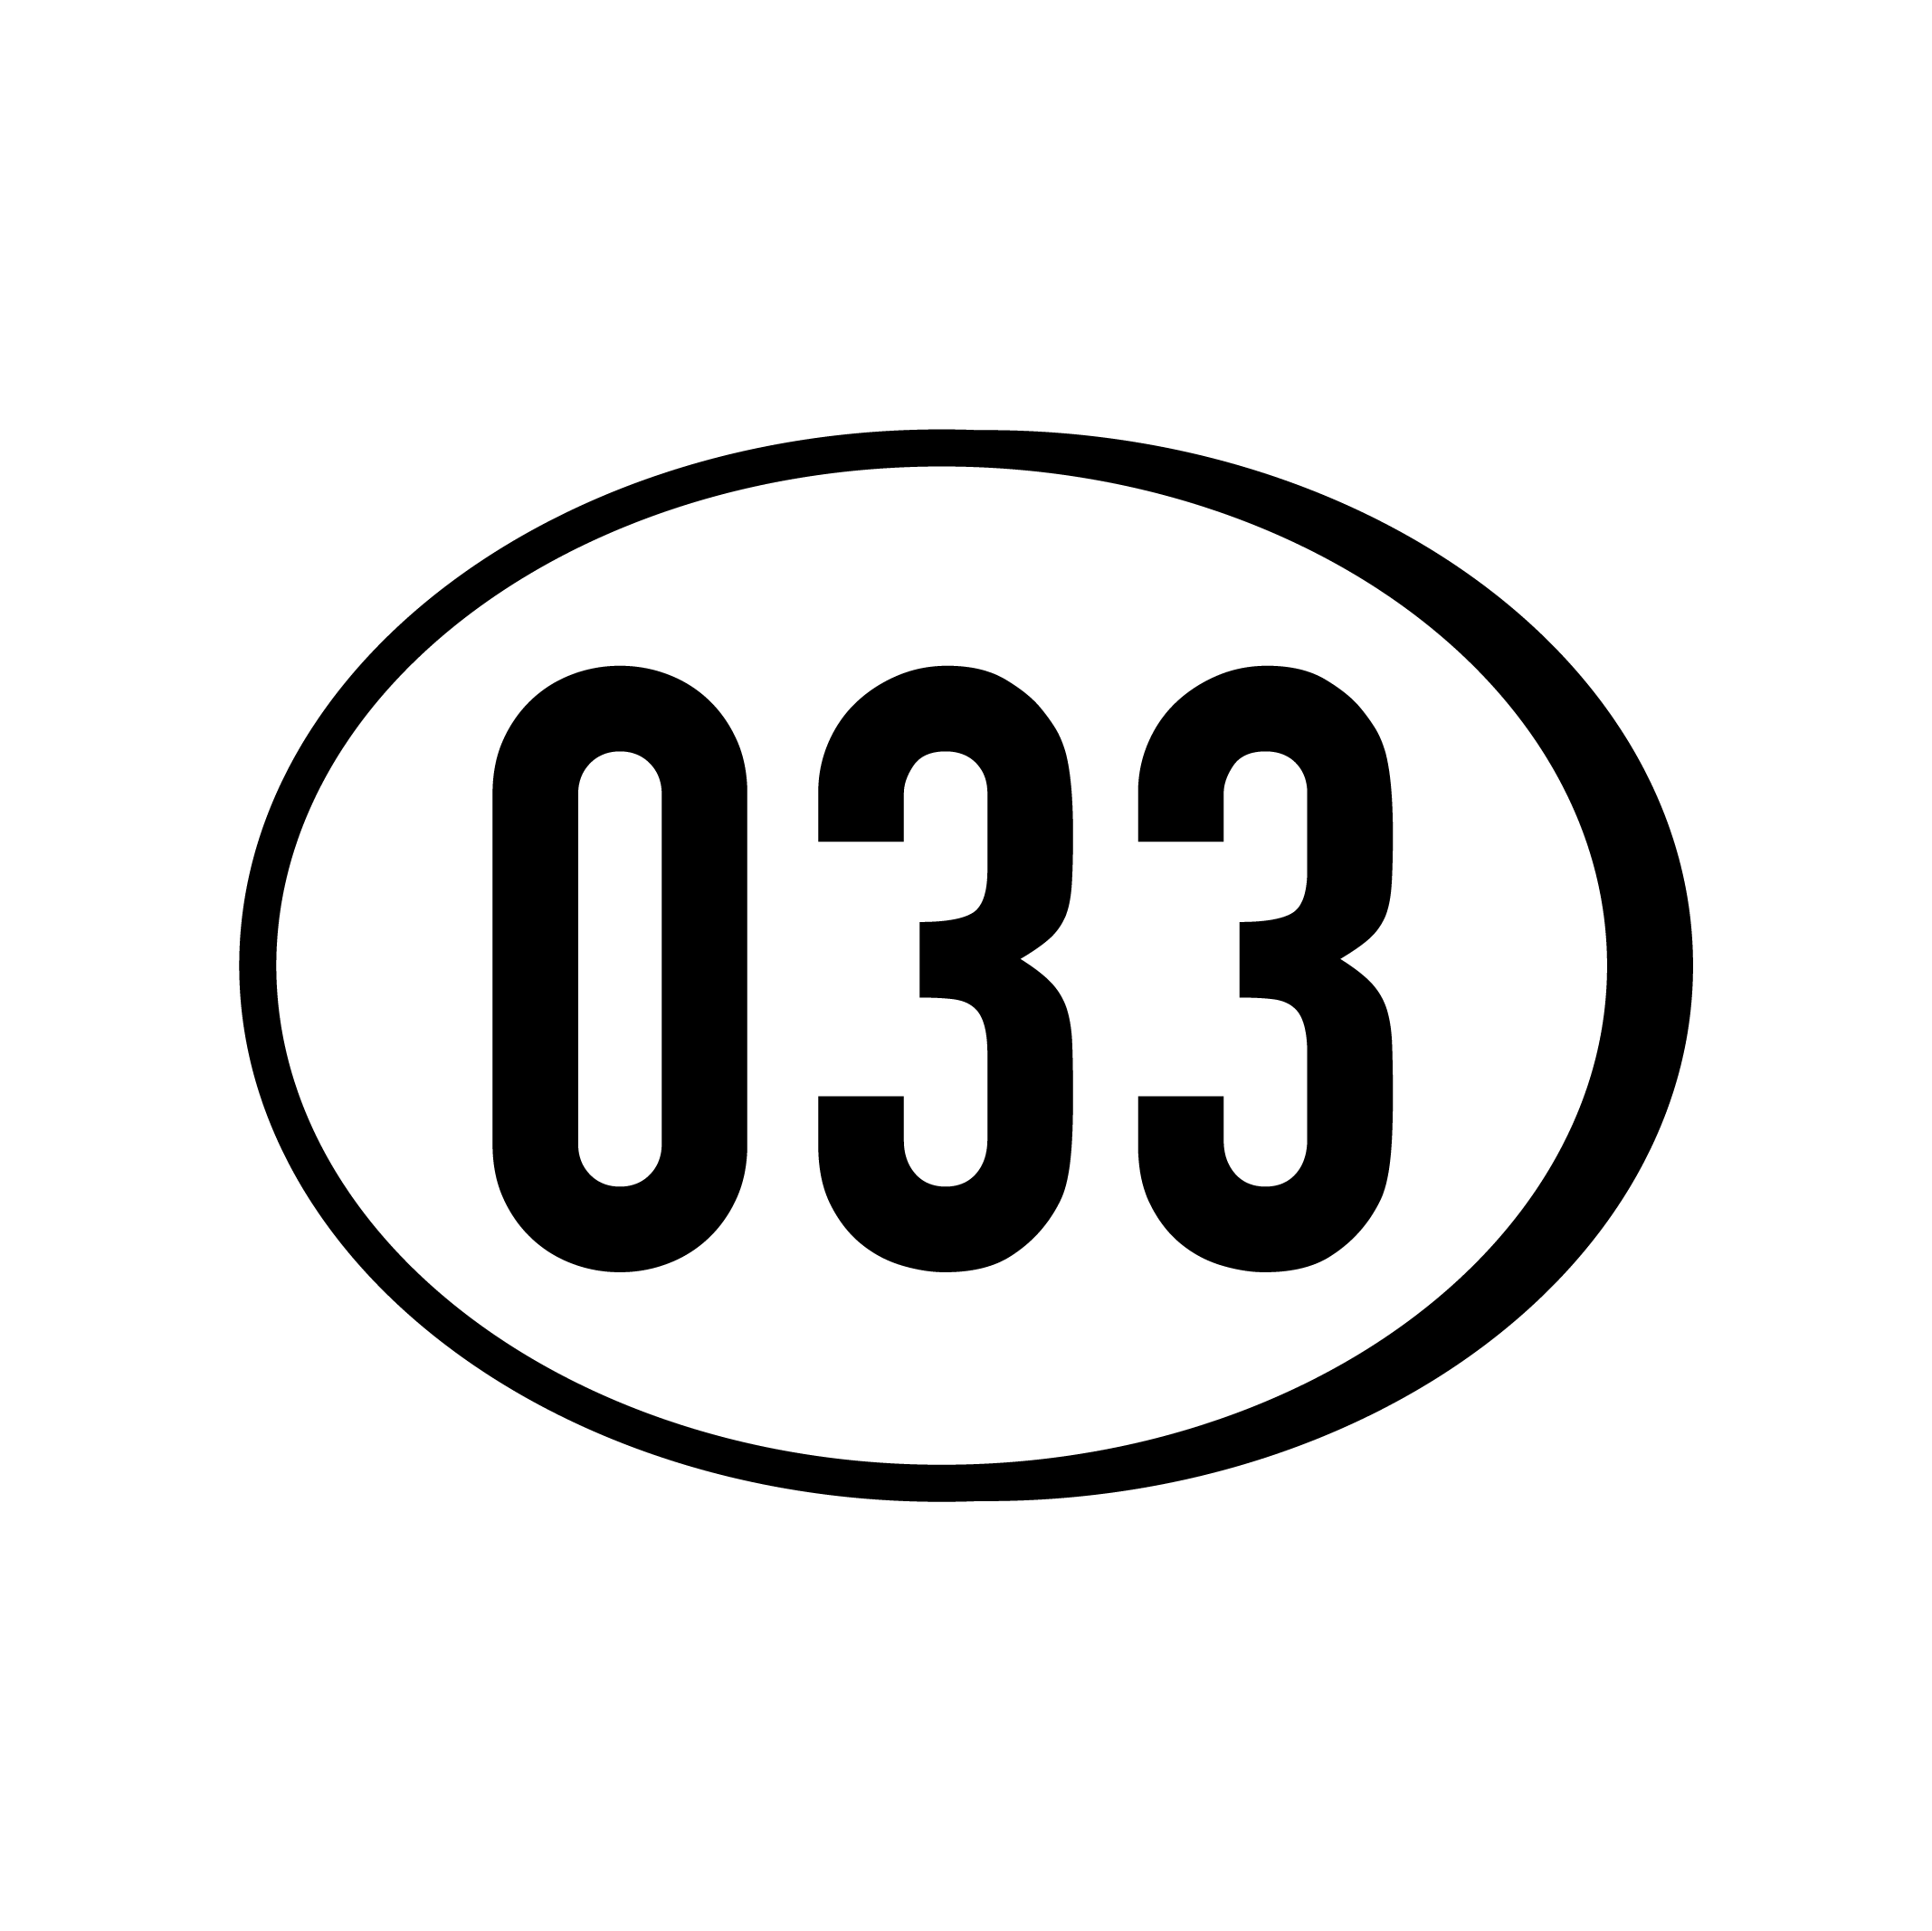 공삼삼 033 - 강원, 우리 사는 이야기